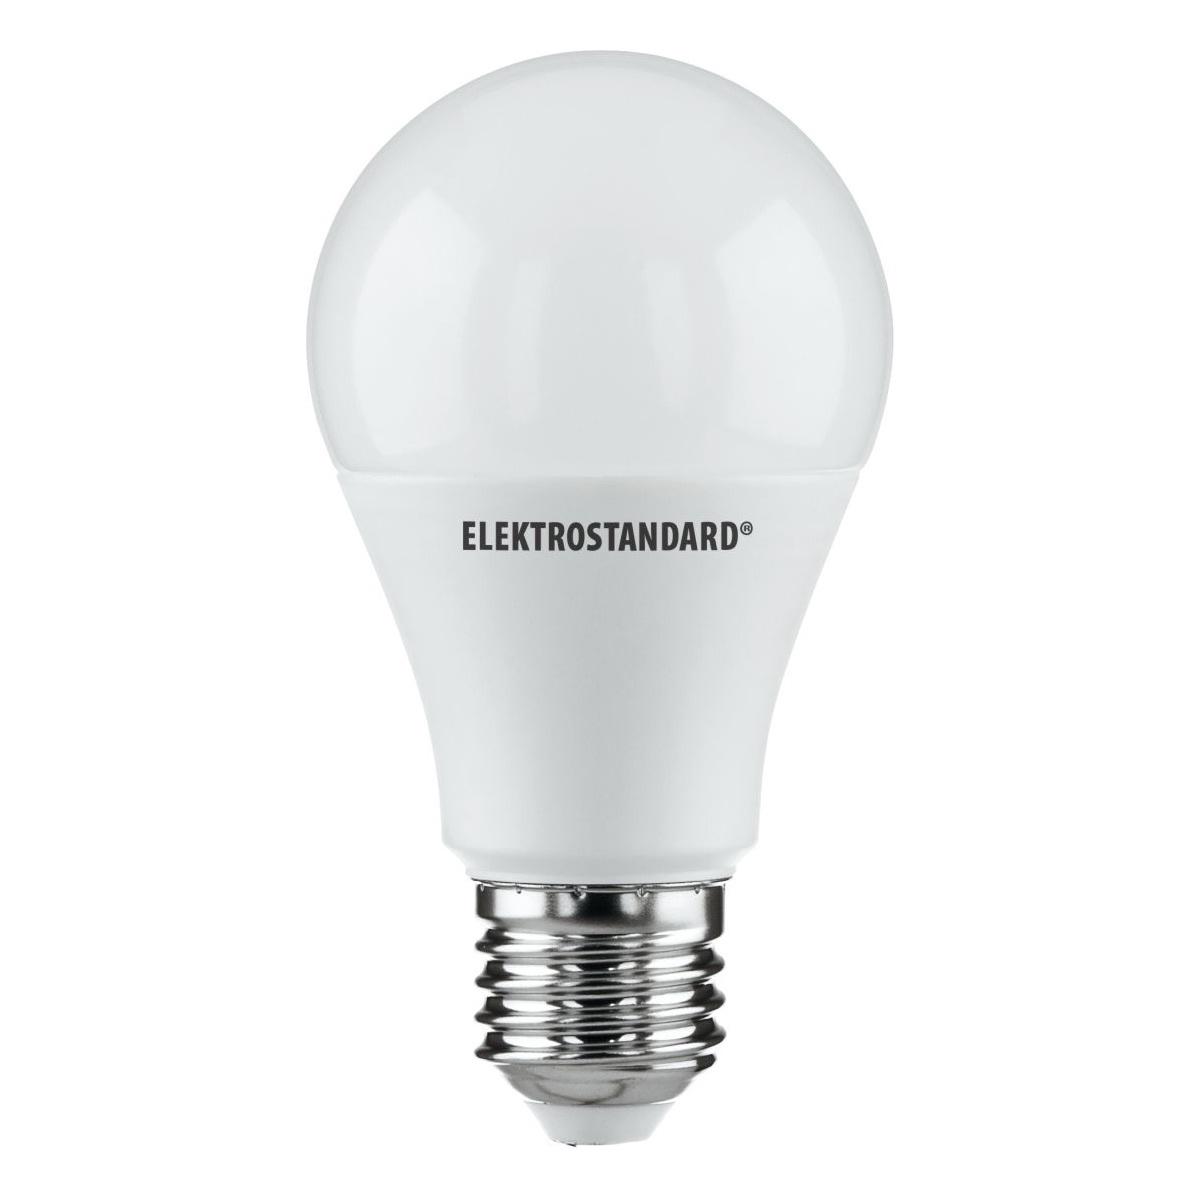 Лампочка Elektrostandard светодиодная Classic LED D 10W 6500K E27, Холодный свет 10 Вт, Светодиодная лампы светодиодная elektrostandard classic led d 7w 4200k e27